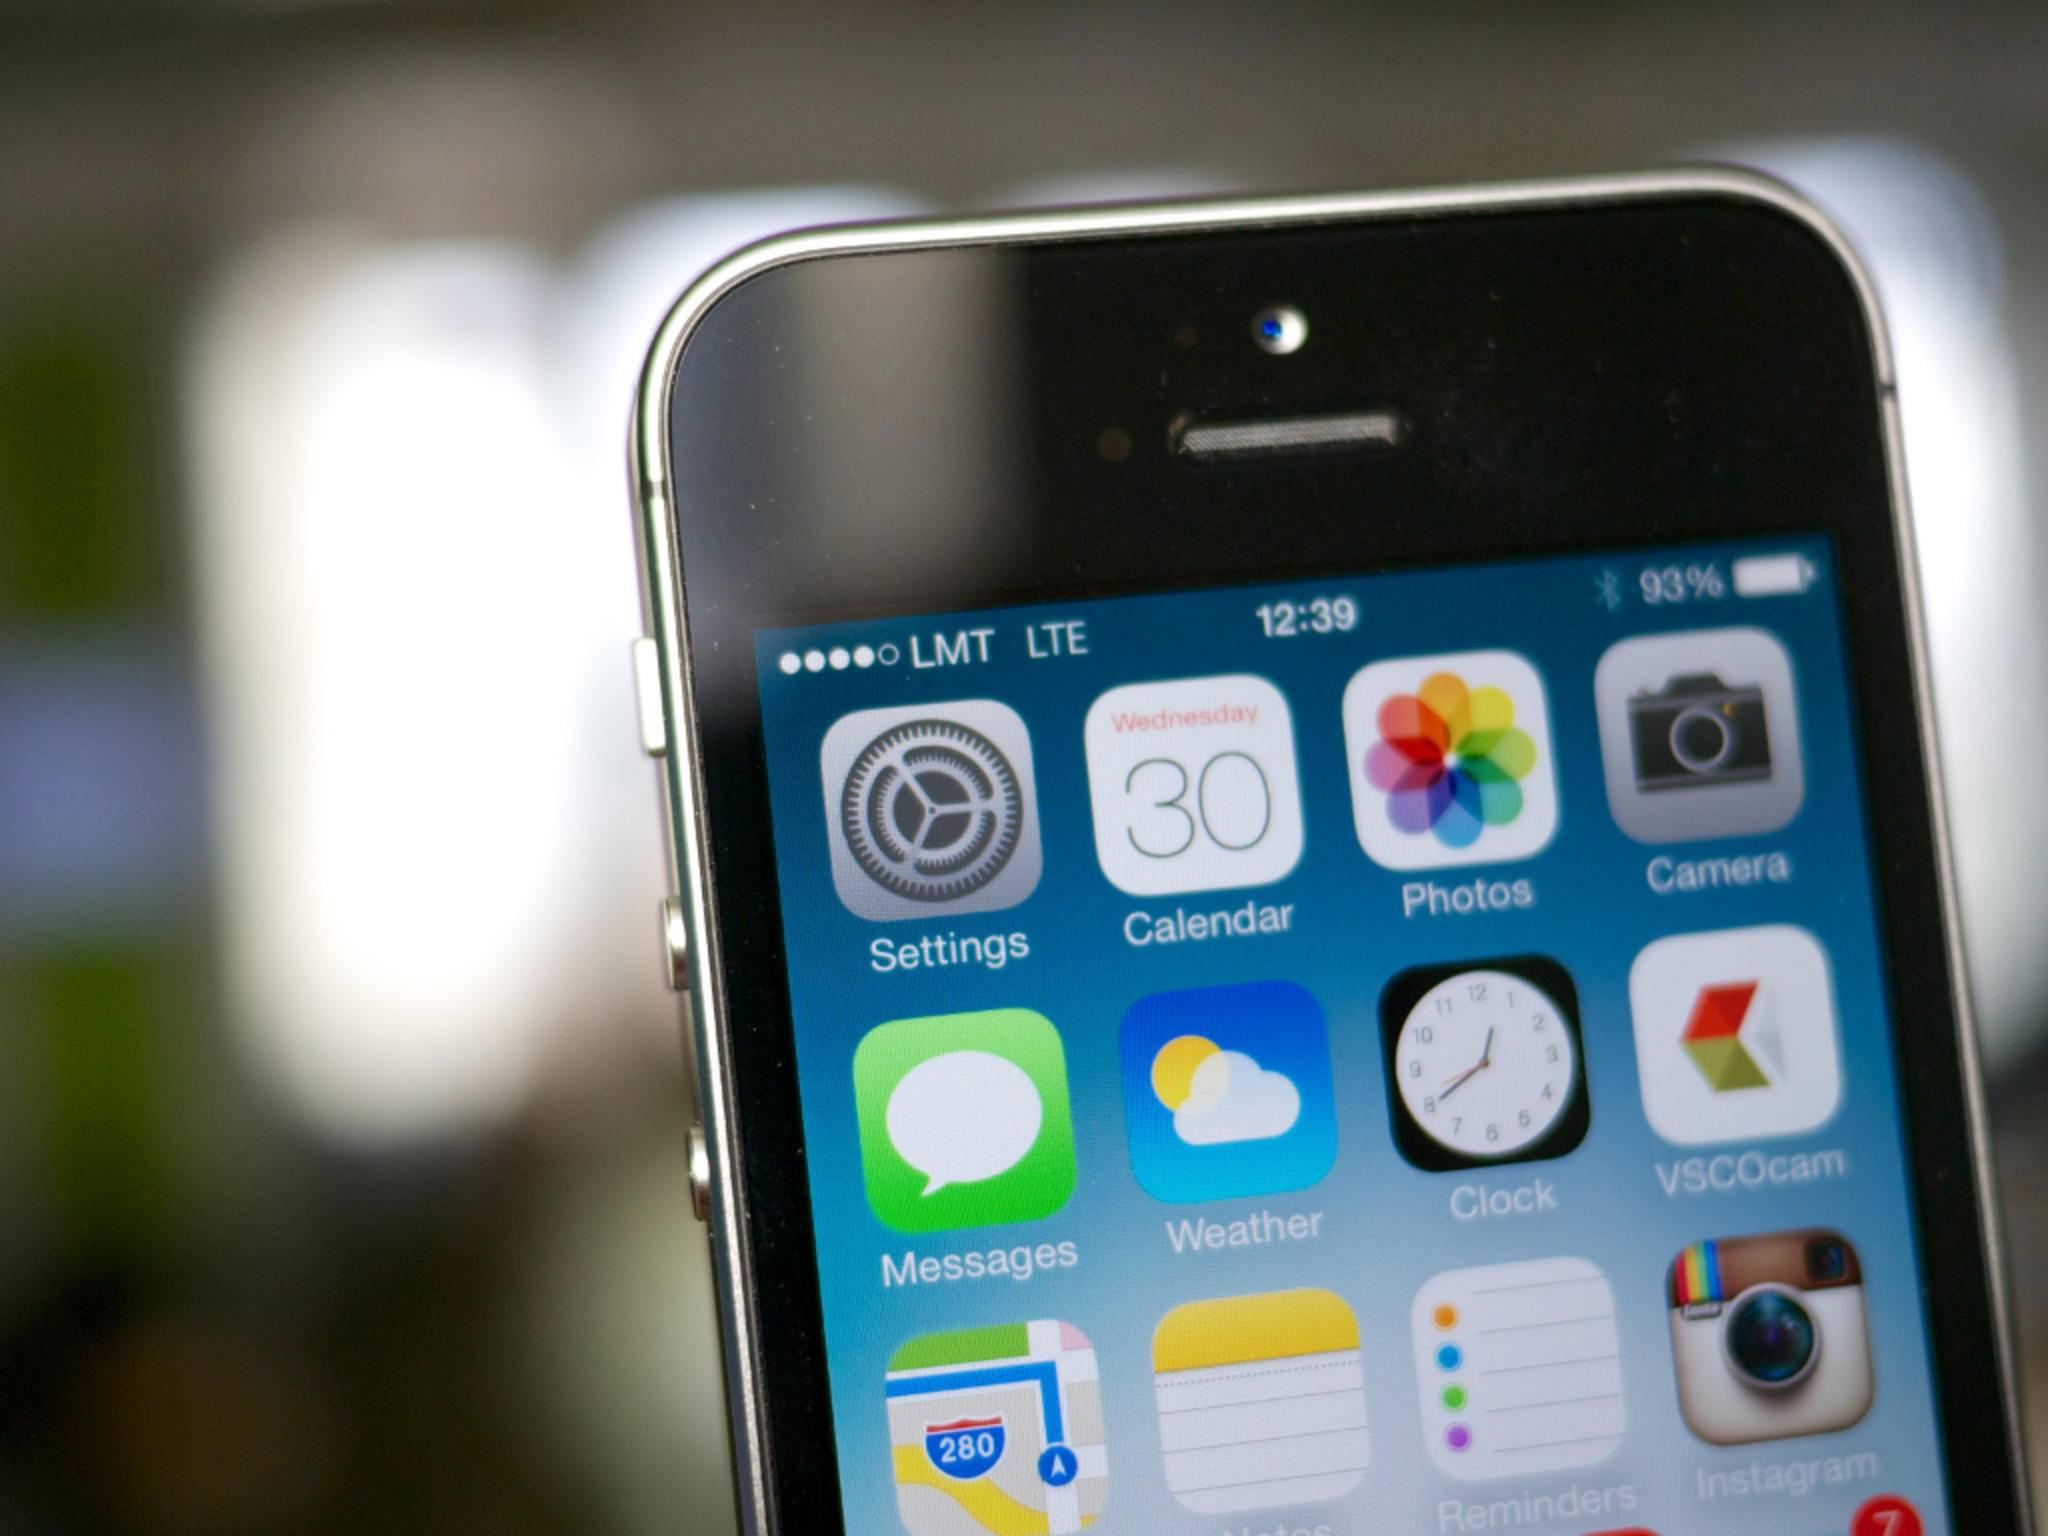 Das neue iPhone 5se soll dem iPhone 5s sehr ähnlich sein.